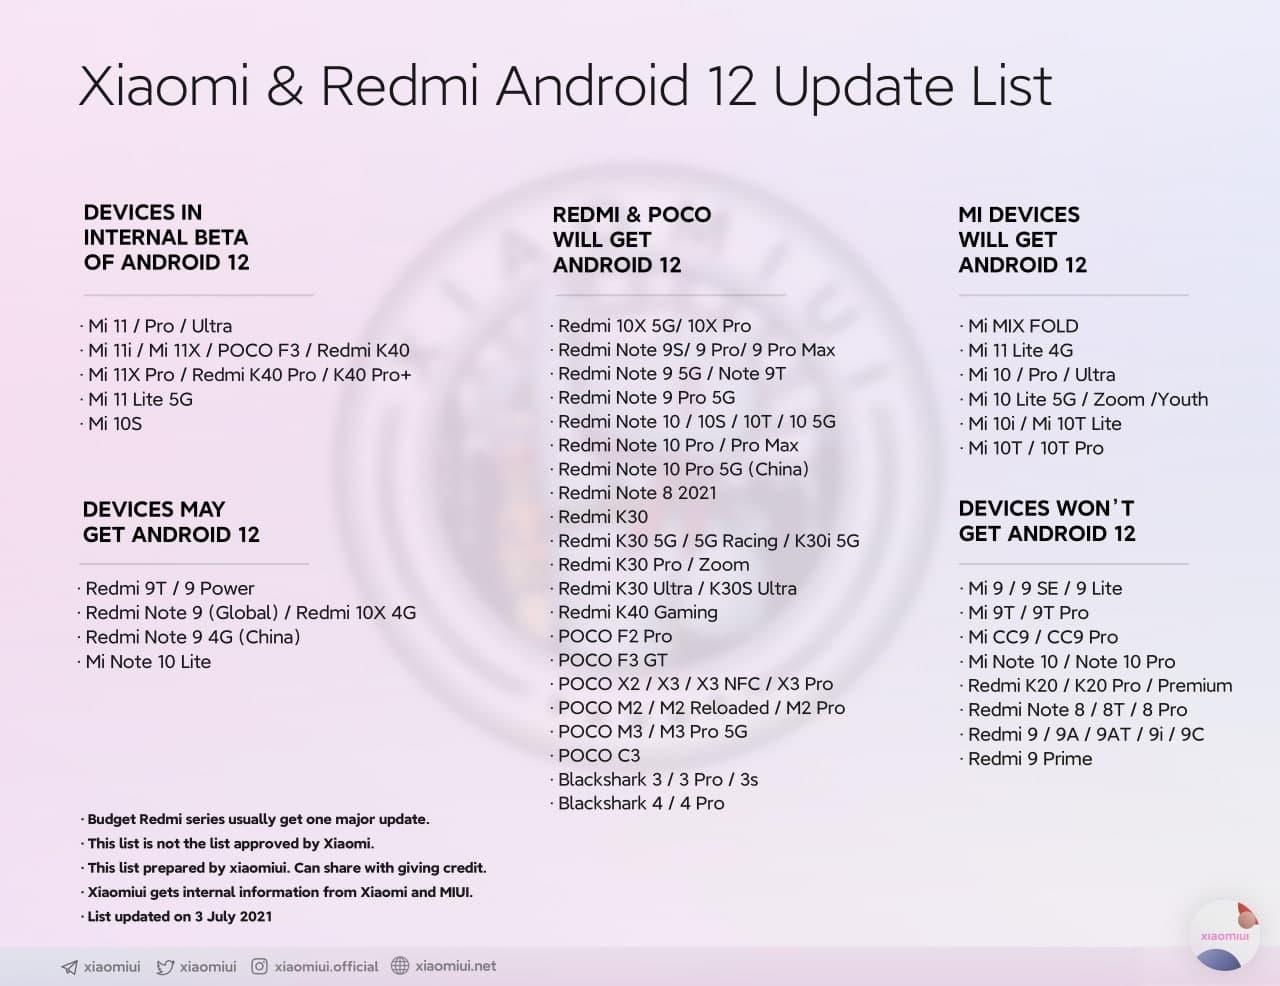 Redmi 9 и ряд других смартфонов в пролете. Список Xiaomi, которые обновятся до Android 12